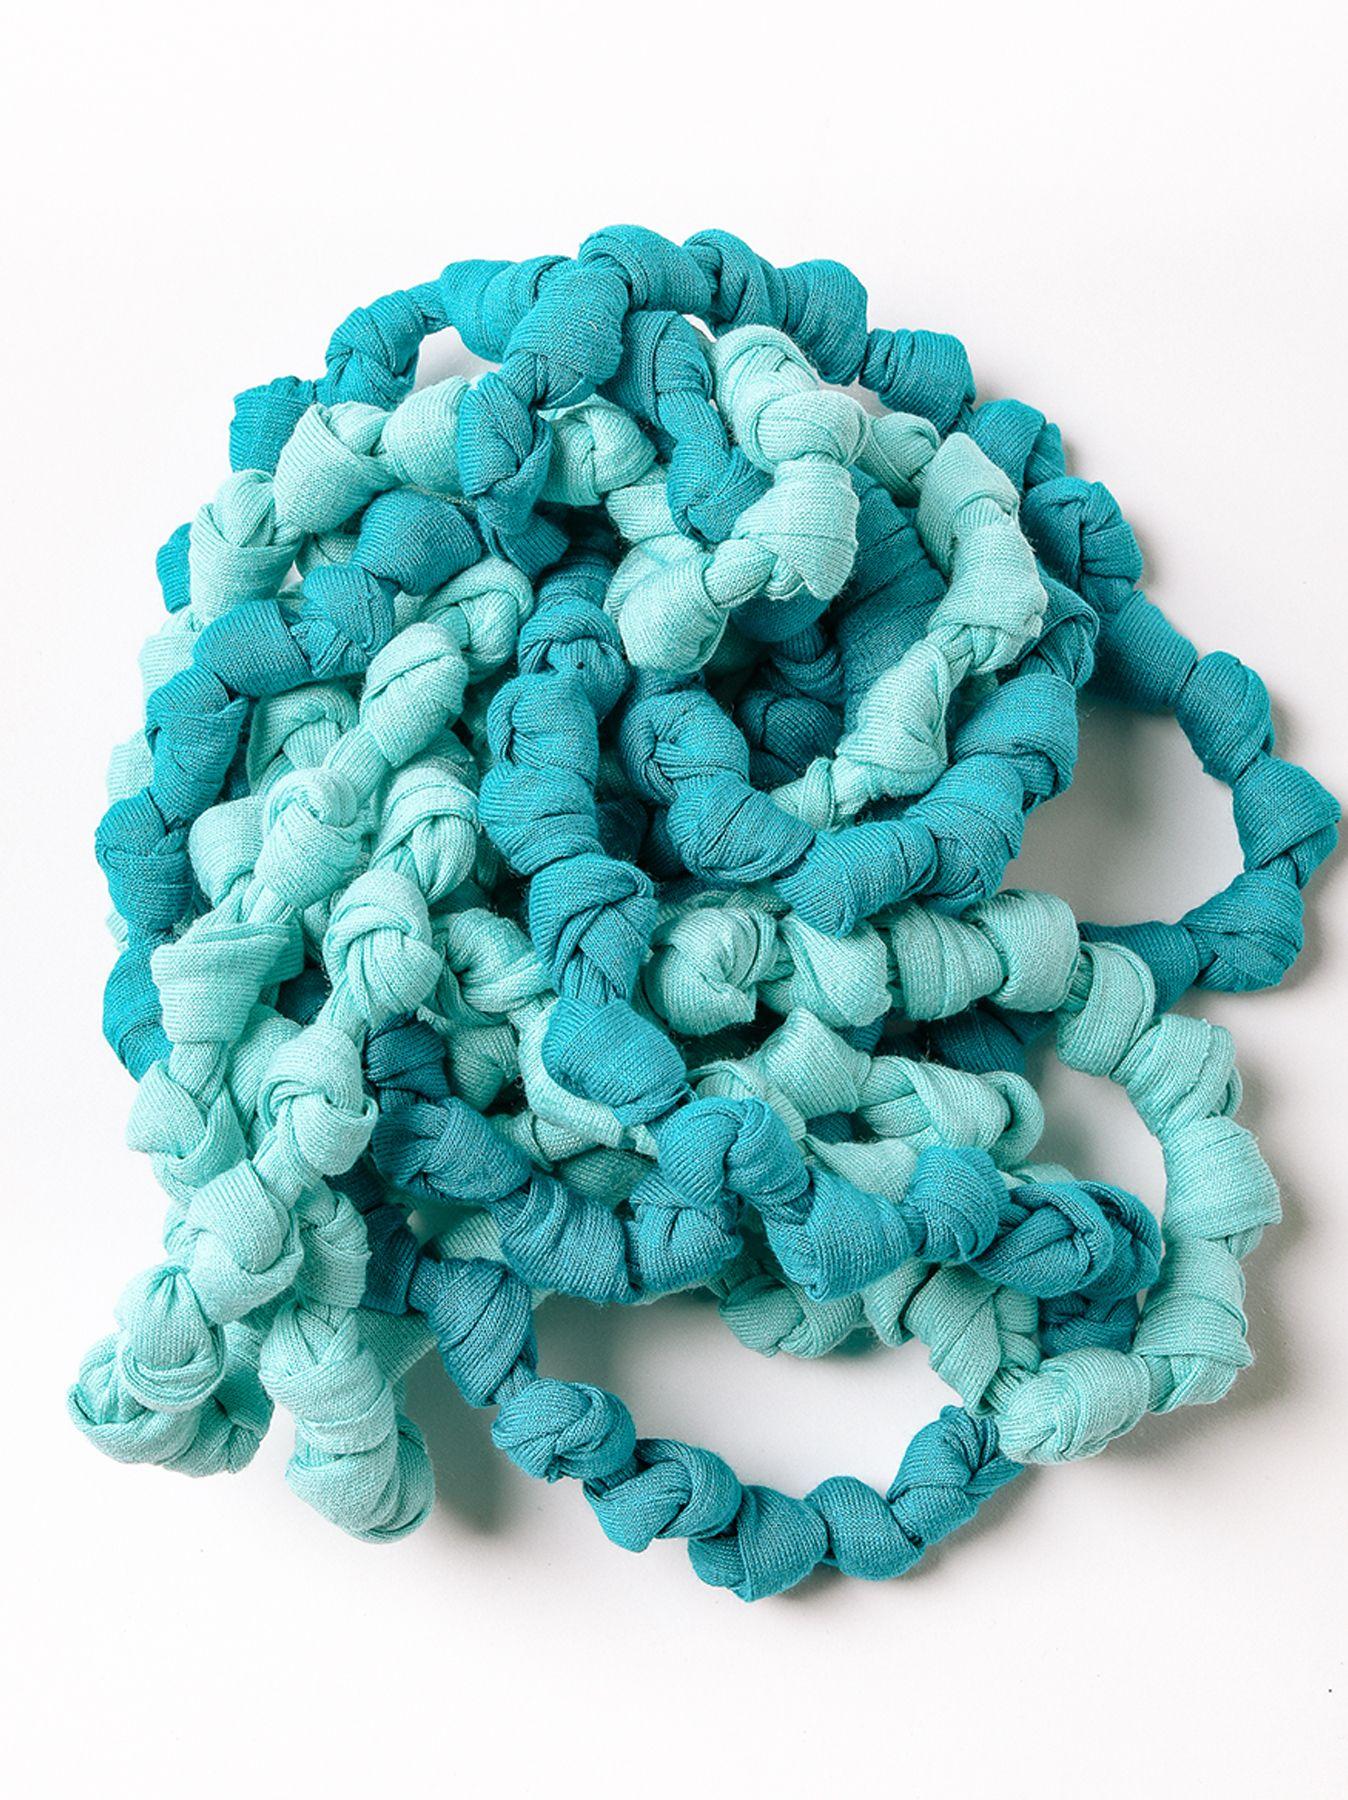 bi-color necklace with knots